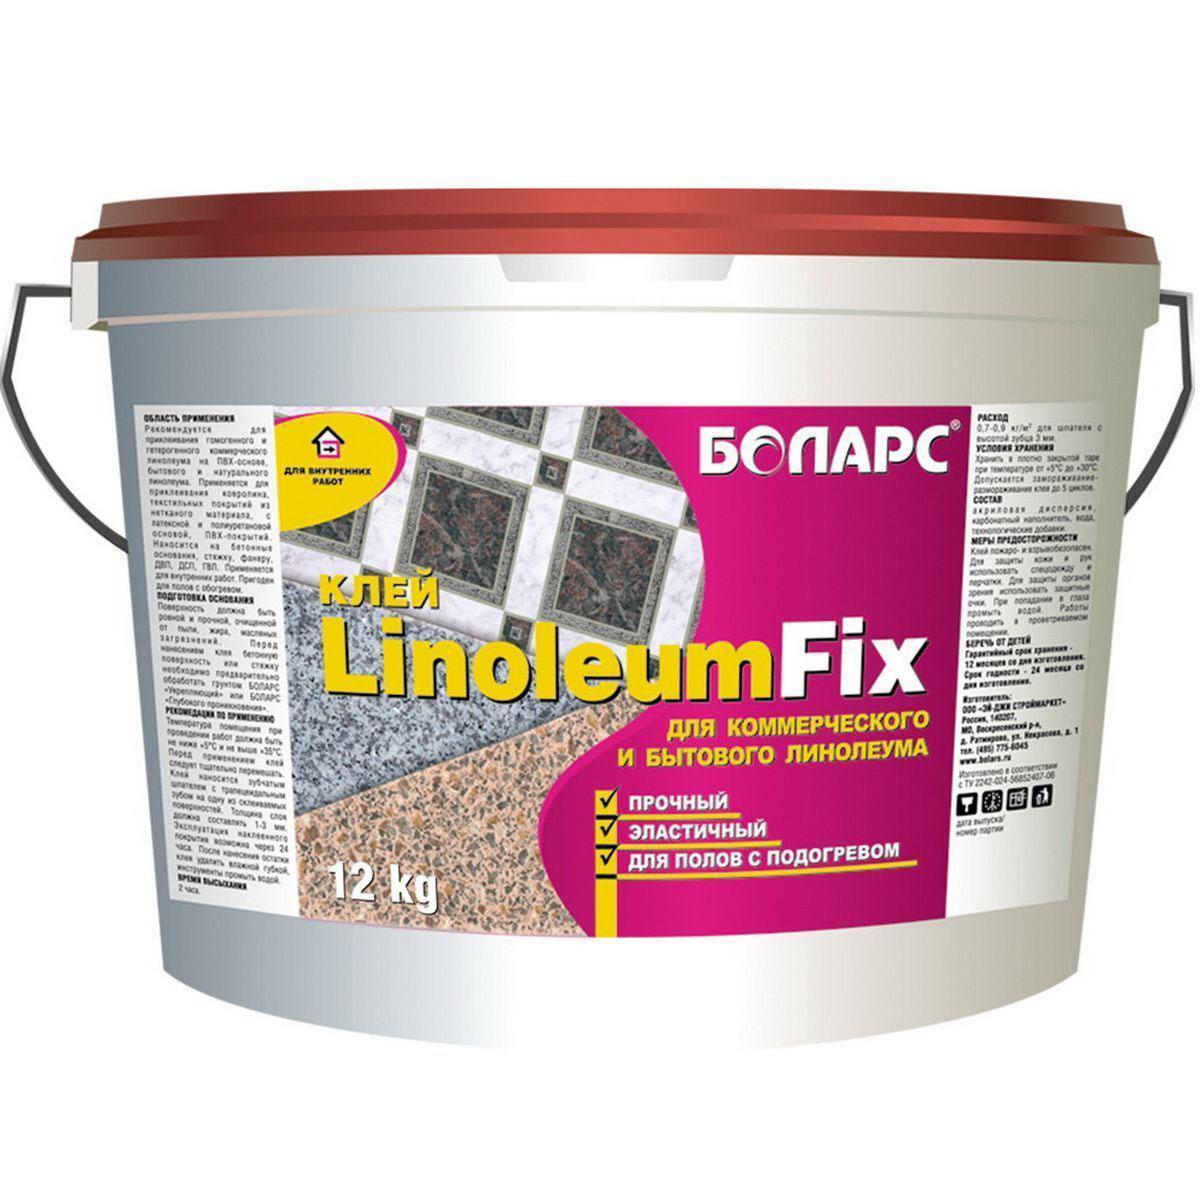 Клей Боларс Linoleumfix, 12 кгCLP446Боларс Linoleumfix - универсальный клей для внутренних работ с широким диапазоном применения. Предназначен для приклеивания на впитывающие основания гомогенного и гетерогенного коммерческого линолиума на ПВХ-основе, бытового и натурального линолеума, текстильных покрытий на вспененной, ворсовой или тканой основе. Подходит для использования в системе теплый пол. Рекомендуется для бетонных оснований, цементных и гипсопесчаных стяжек, фанеры, ДВП, ДСП. Состав: акриловая дисперсия, вода, карбонатный наполнитель, технологические добавки.Цвет: светло-бежевый.Время укладки: 20 минут.Время просушки: 5-20 минут.Время высыхания: 48 часов.pH: 8,0-9,0.Расход: 0,4-0,5 кг/м2.Адгезия: не менее 0,6 МПа.Морозостойкость при транспортировке: 5 циклов.Температура проведения работ: 6 +15°С +30°С.Температура эксплуатации: +5°С +60°С.Гарантийный срок хранения - 12 месяцев со дня изготовления, в оригинальной невскрытой упаковке изготовителя.Срок годности - 24 месяца со дня изготовления, в оригинальной невскрытой упаковке изготовителя.